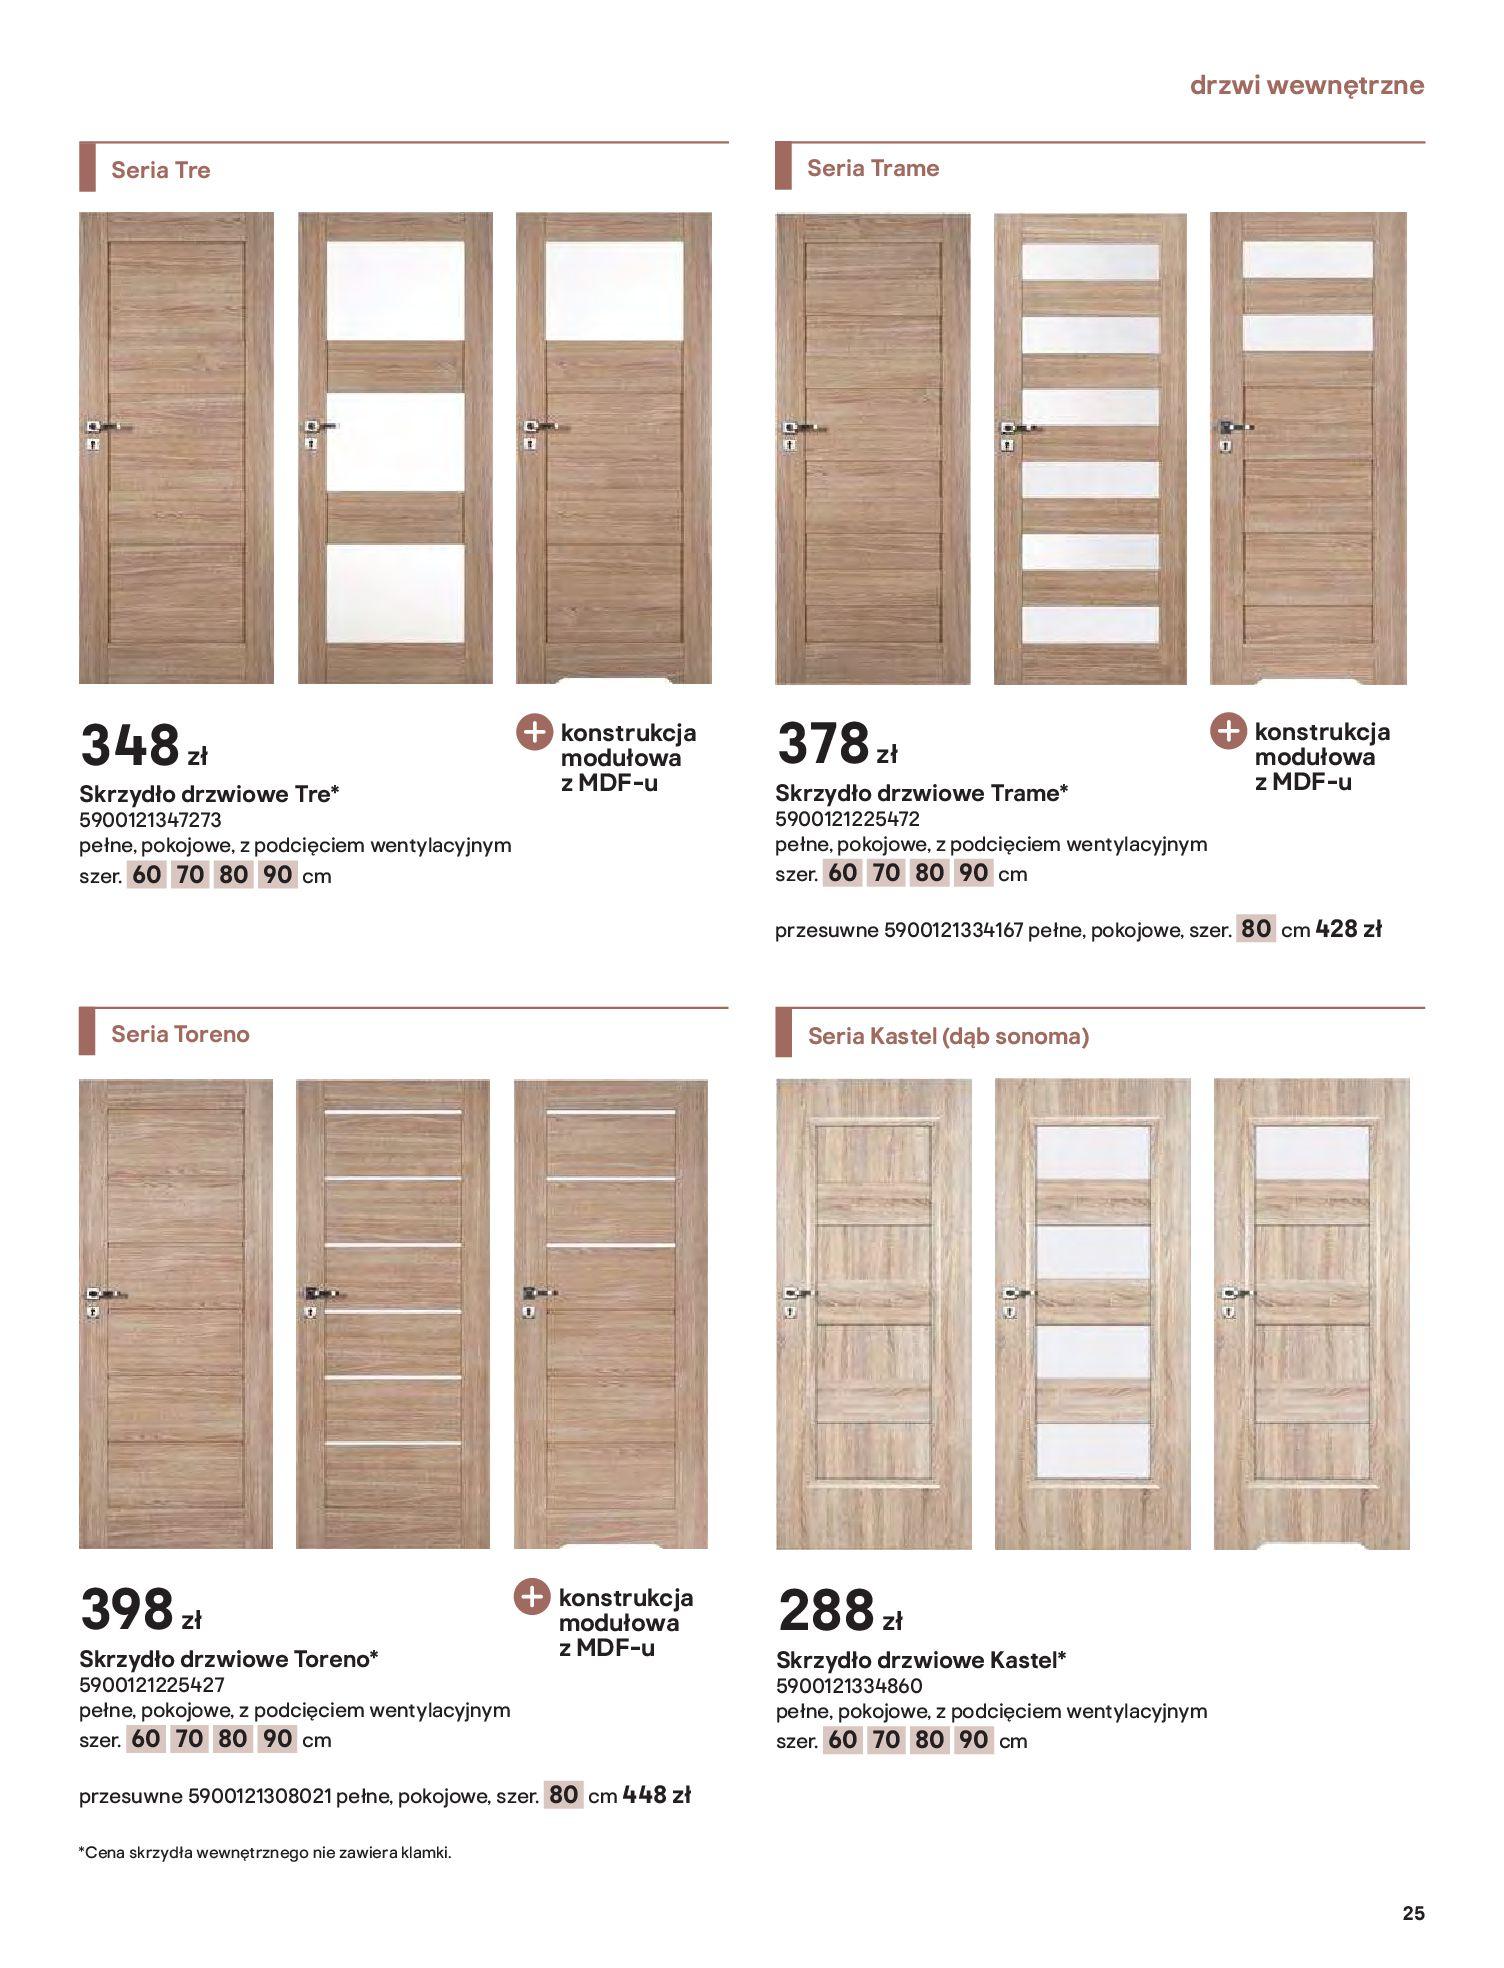 Gazetka Castorama: Gazetka Castorama - Przewodnik drzwi i podłogi 2021 2021-08-11 page-25